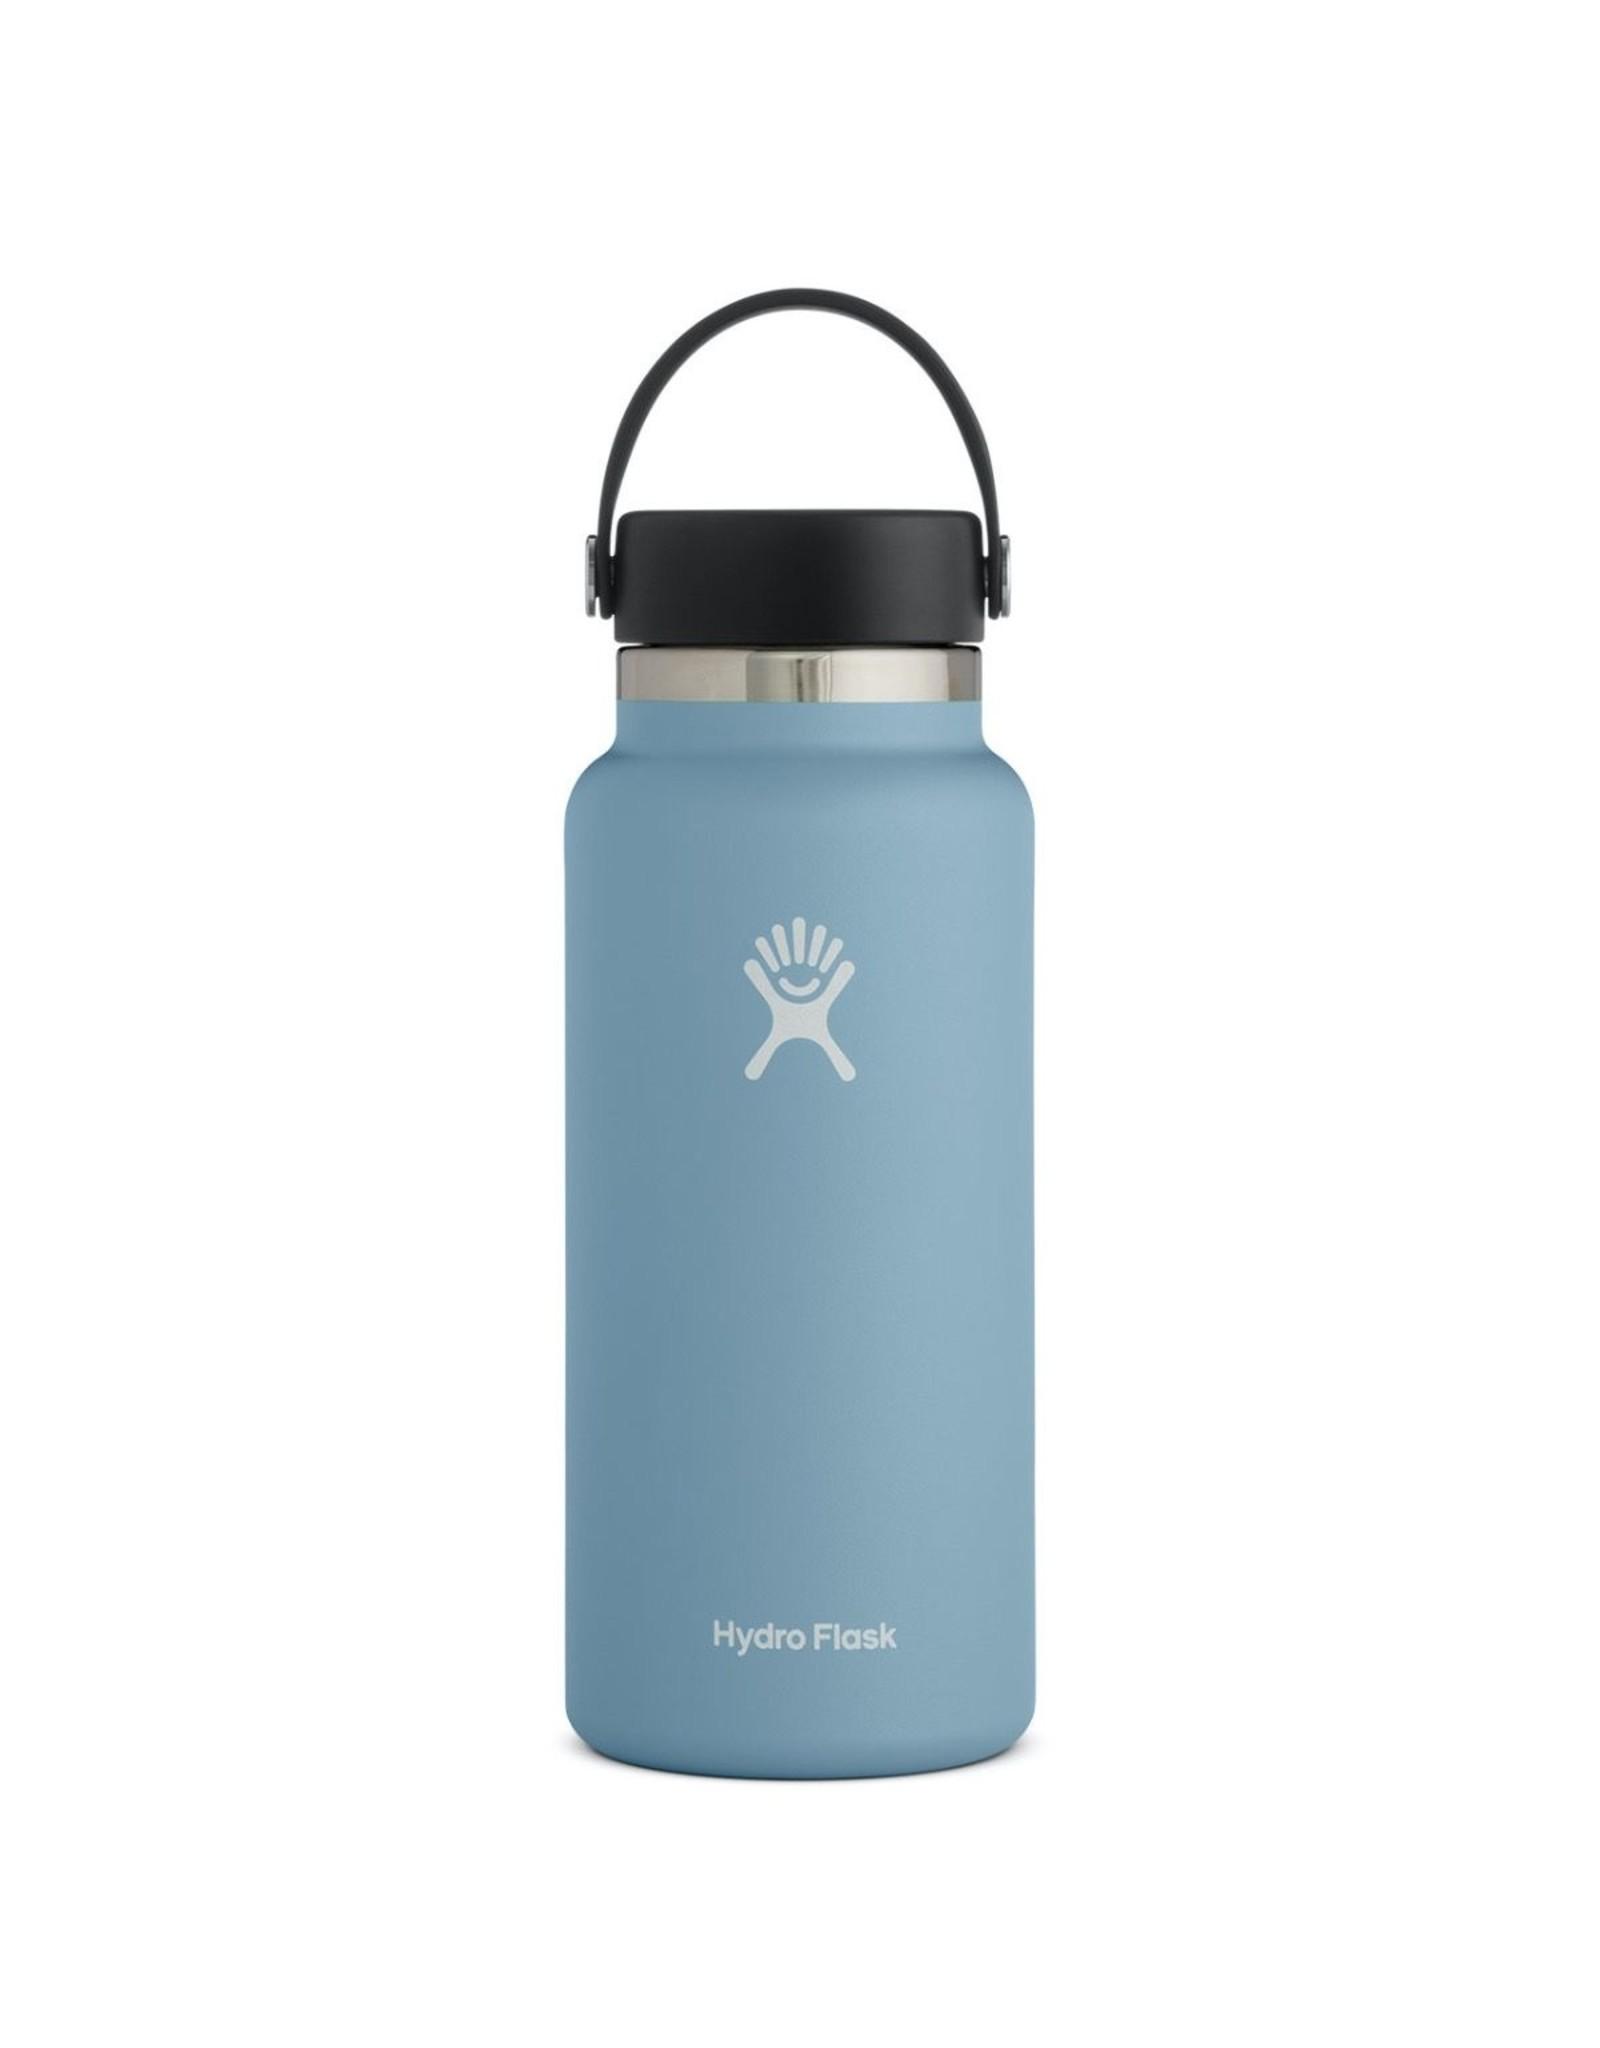 Hydro Flask Hydro Flask 32oz Wide Mouth w/ Flex Cap Rain